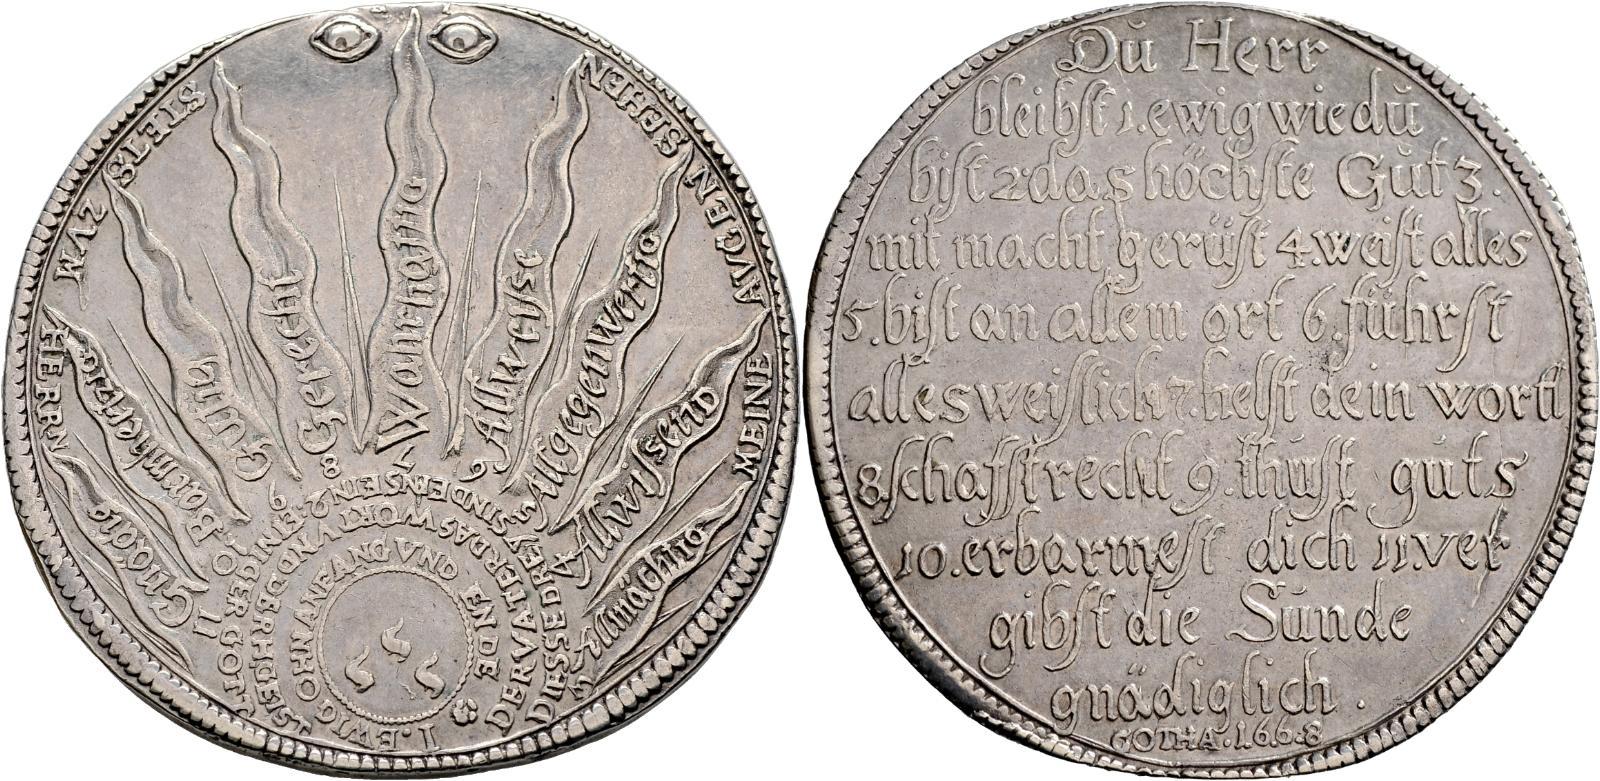 20000 schwedische kronen in euro